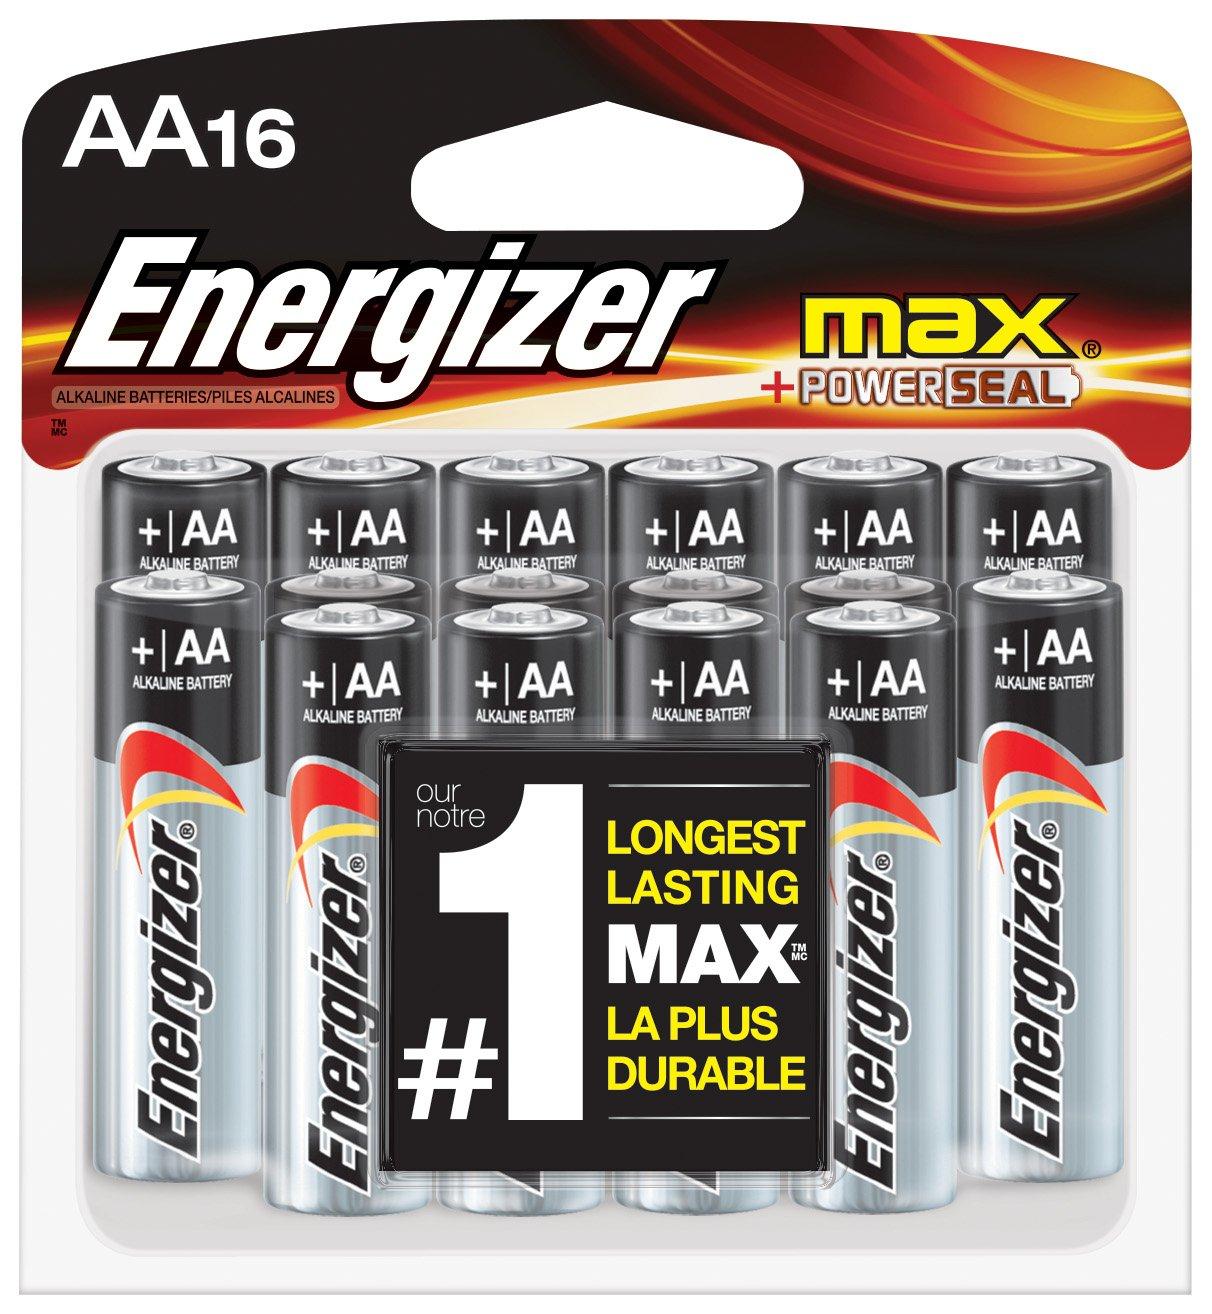 Energizer AA Batteries, Max Alkaline (16 Count)